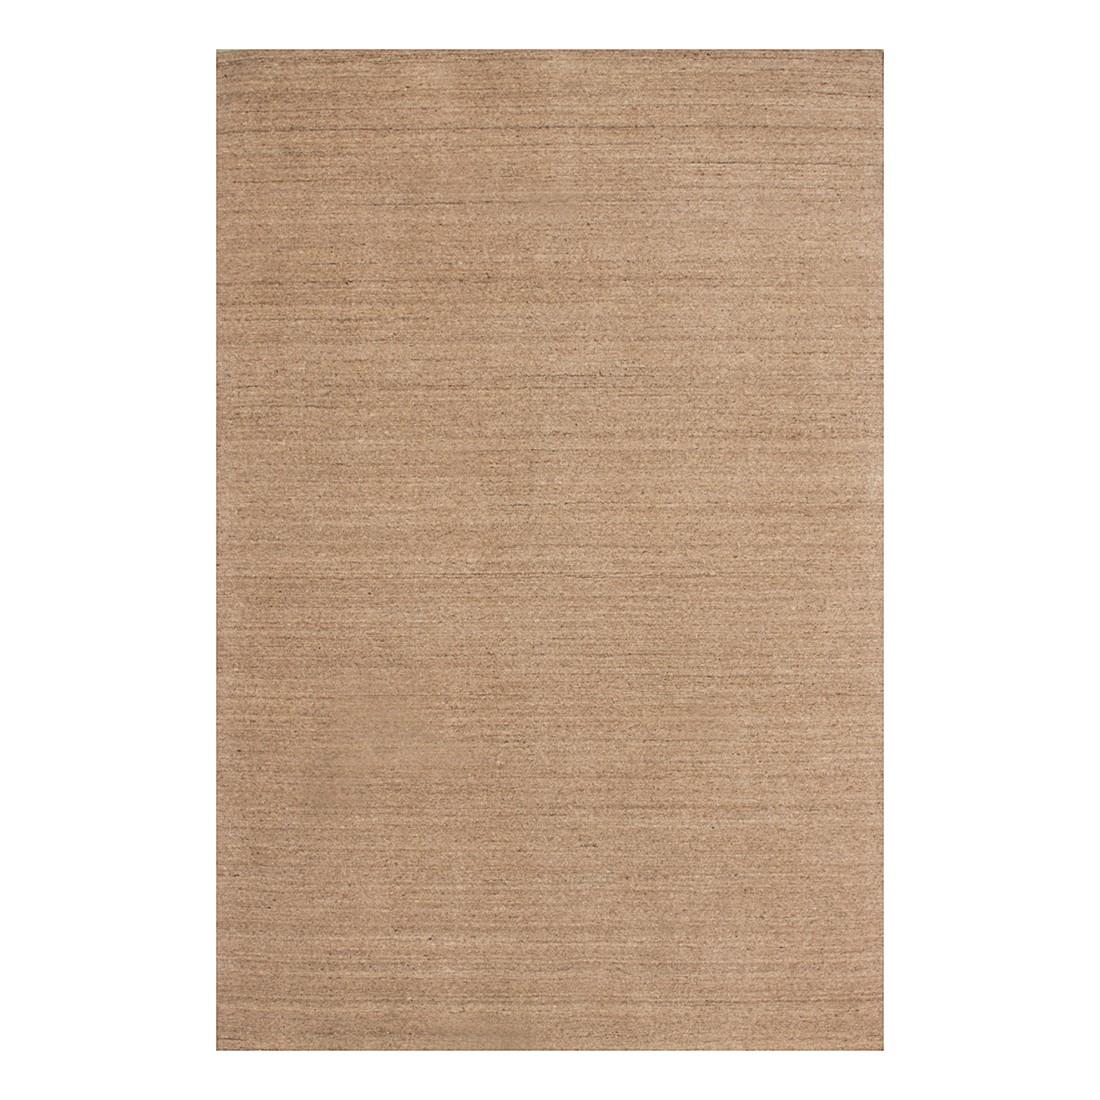 Teppich Prestige - Beige - 120 x 170 cm, Kayoom